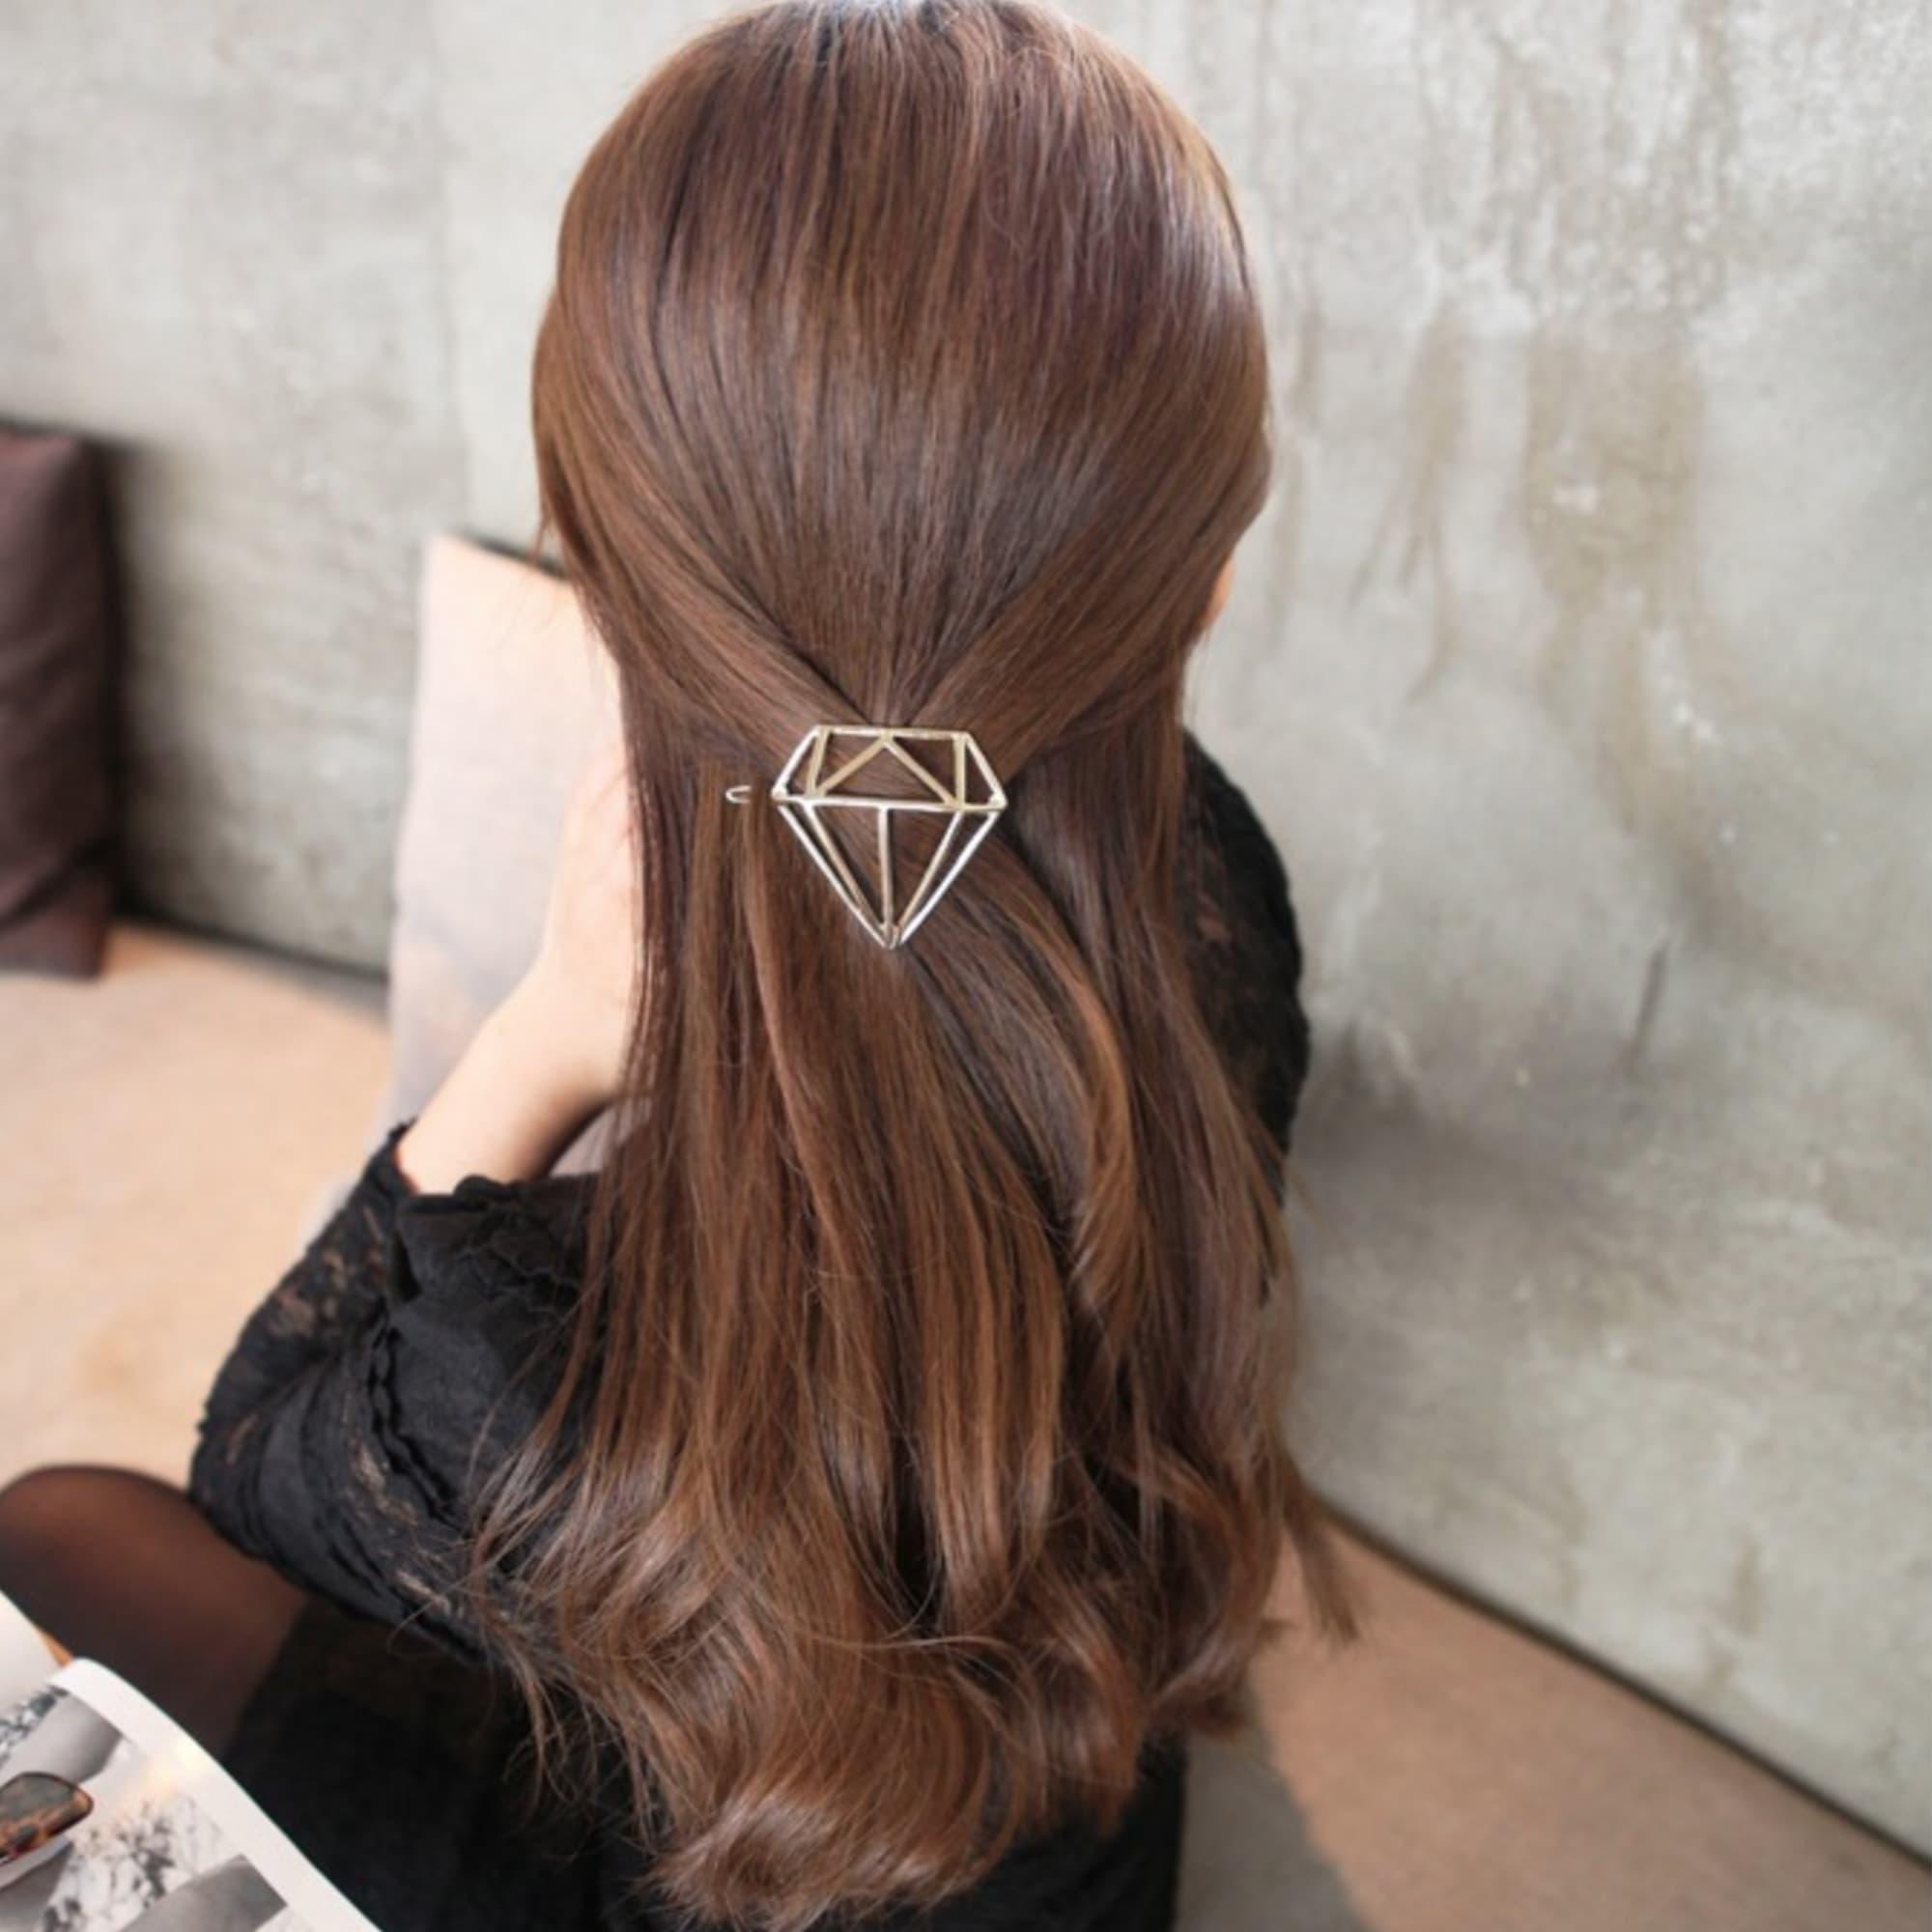 ... Predlžovanie vlasov a účesy - Spona do vlasov Diamond 28f1b50f34